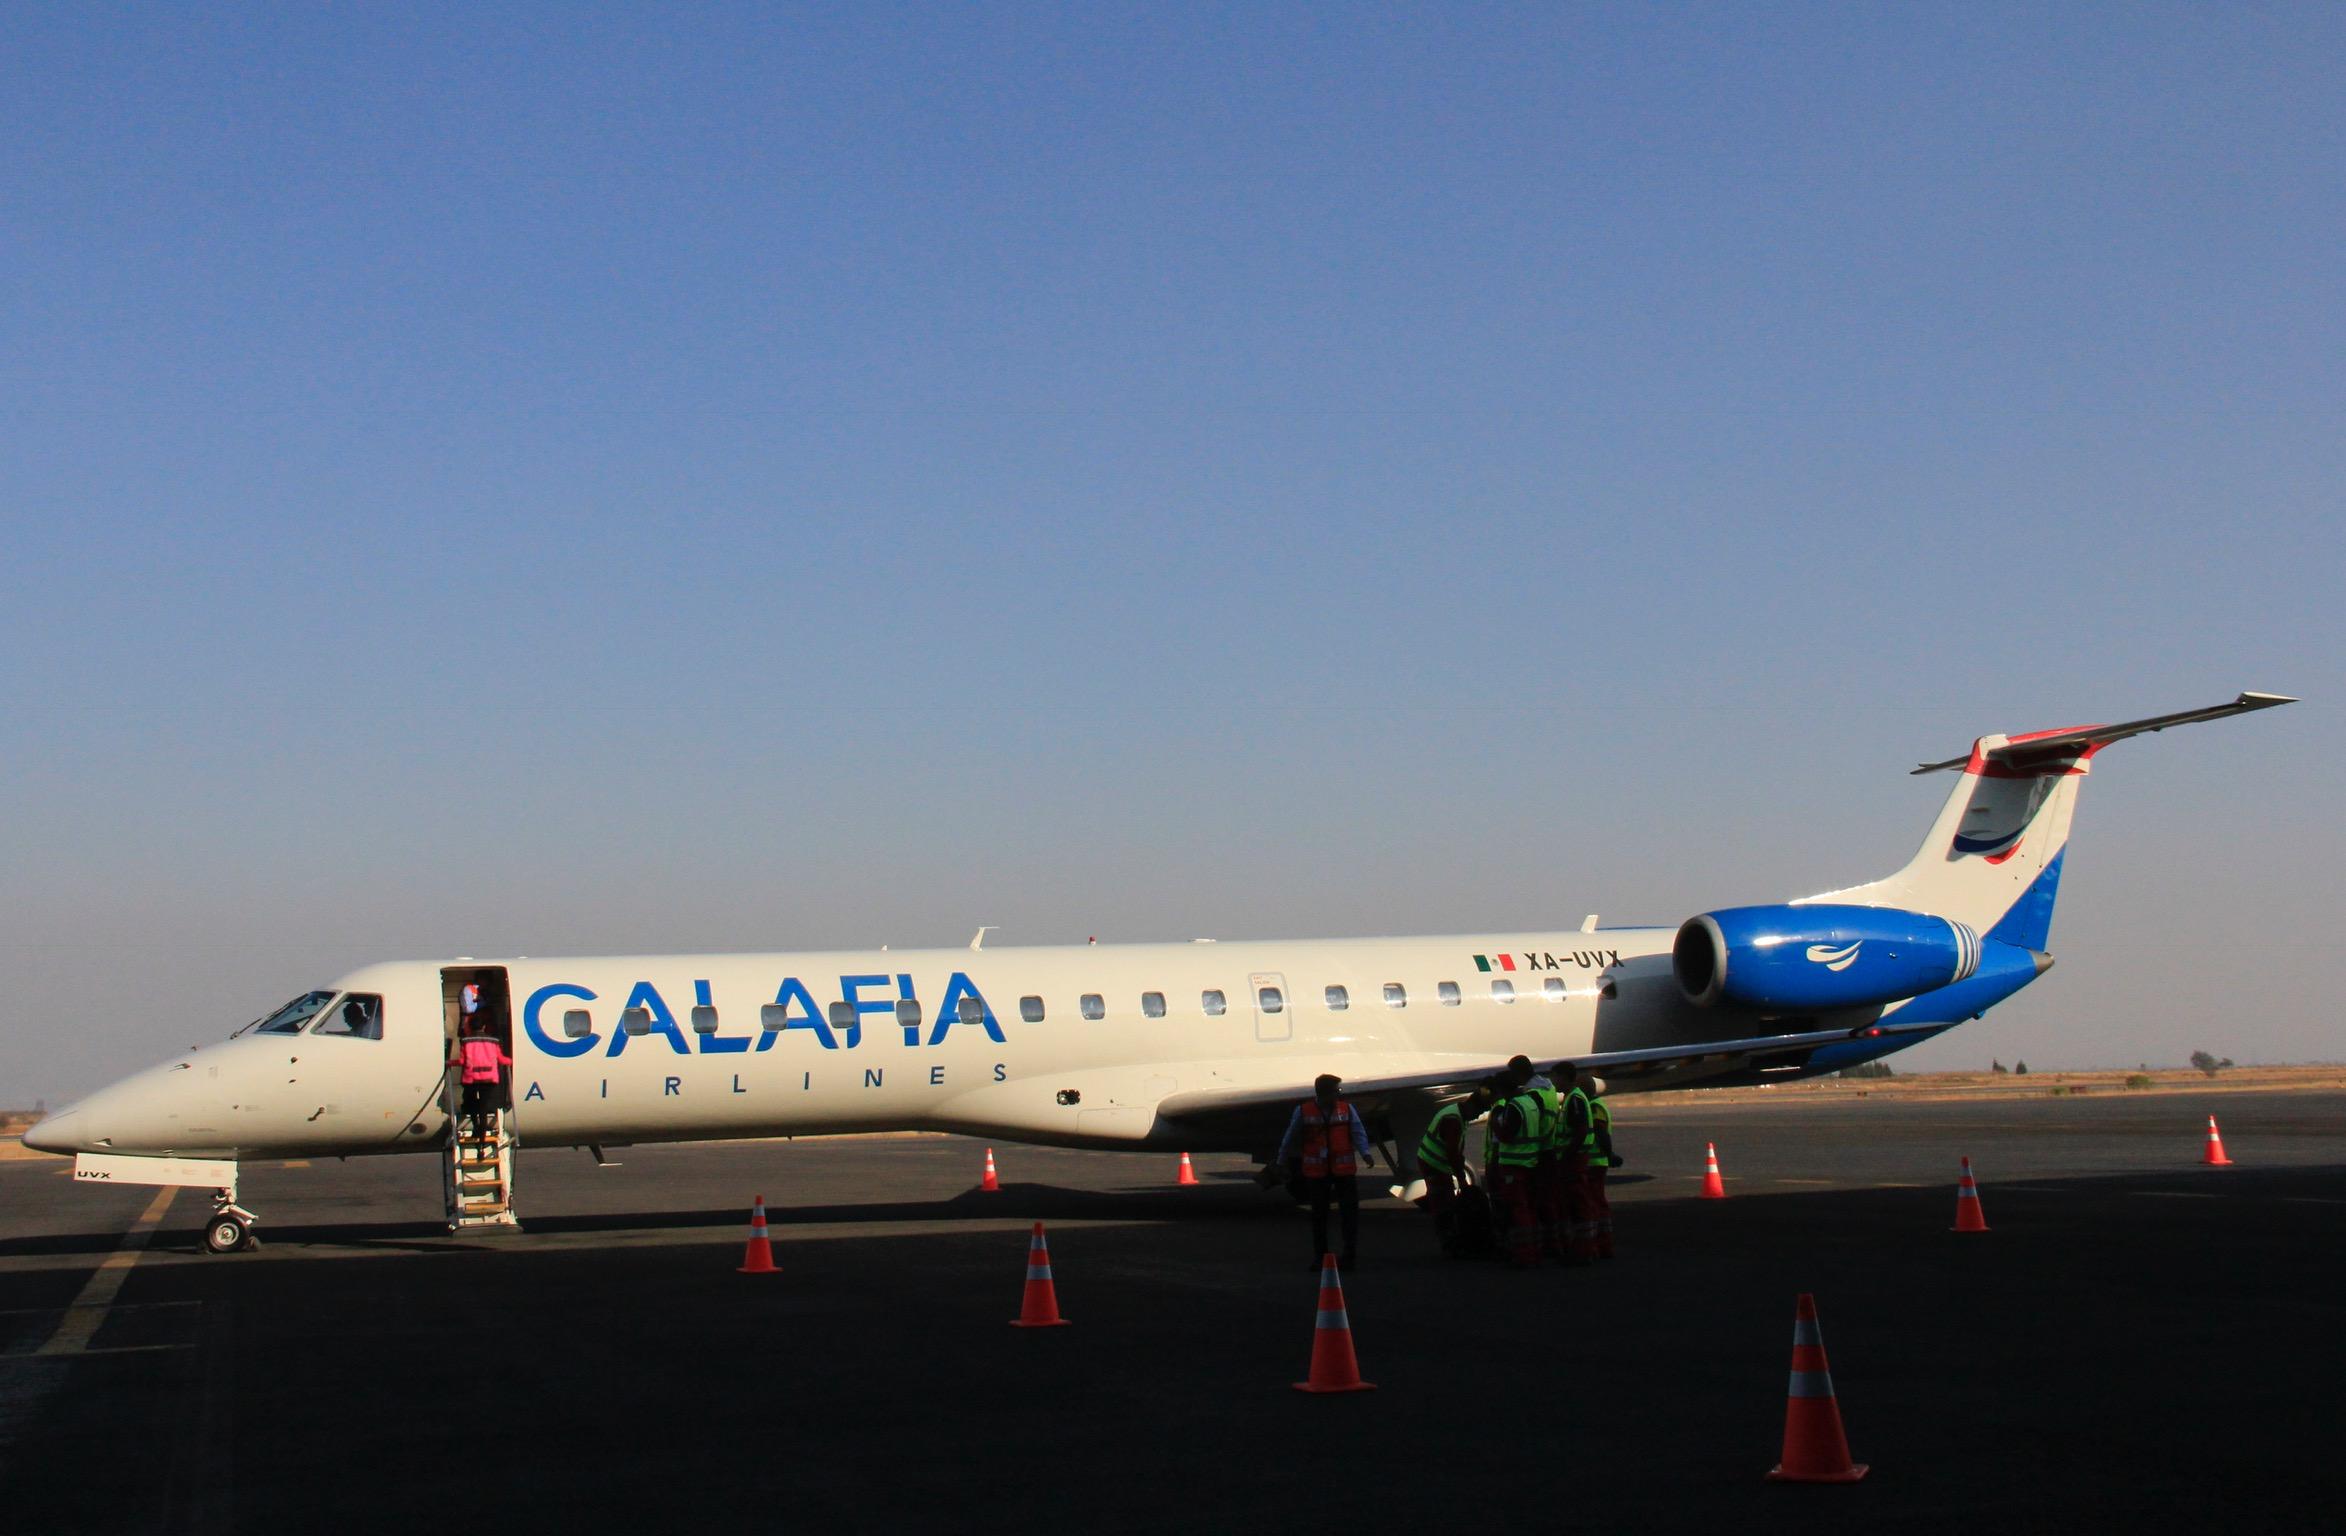 Inauguran vuelo de Puebla hacia Tuxtla Gutiérrez a 998 pesos